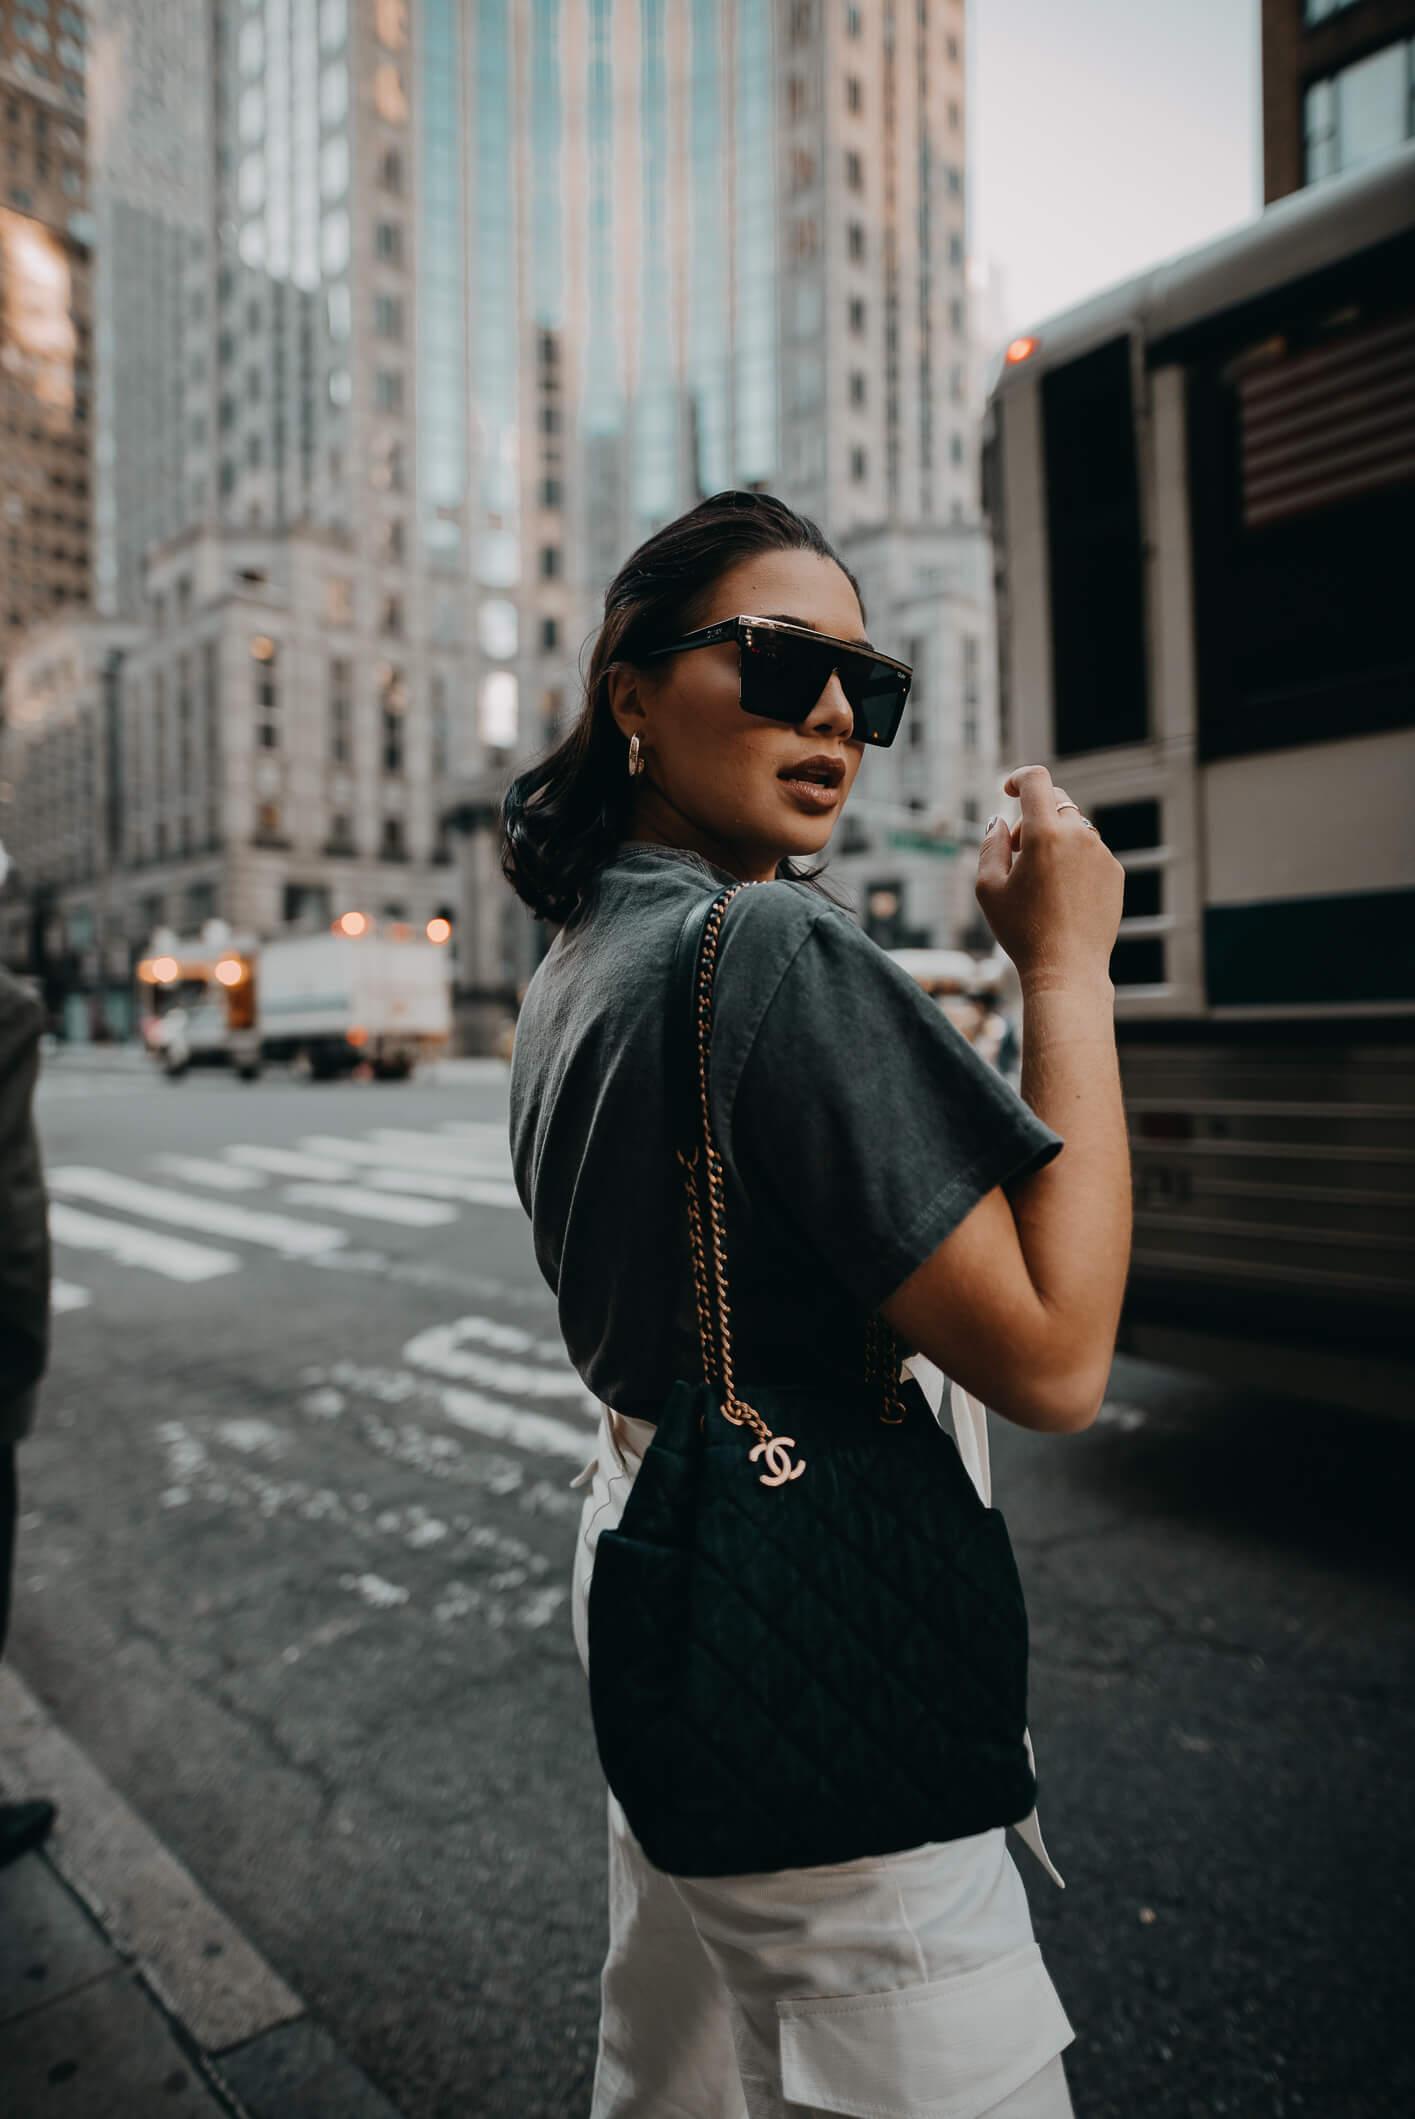 Accesorio de lentes y bolsos para elevar tu look